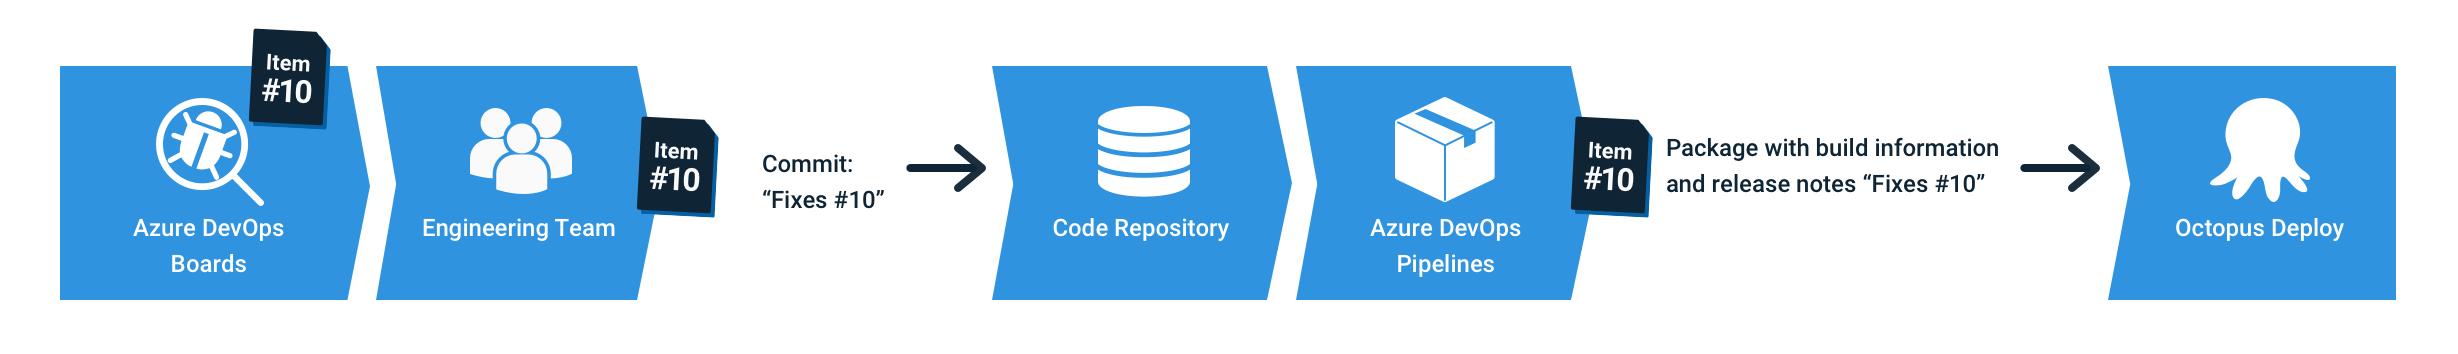 Azure DevOps Work Item Tracking Integration - Octopus Deploy